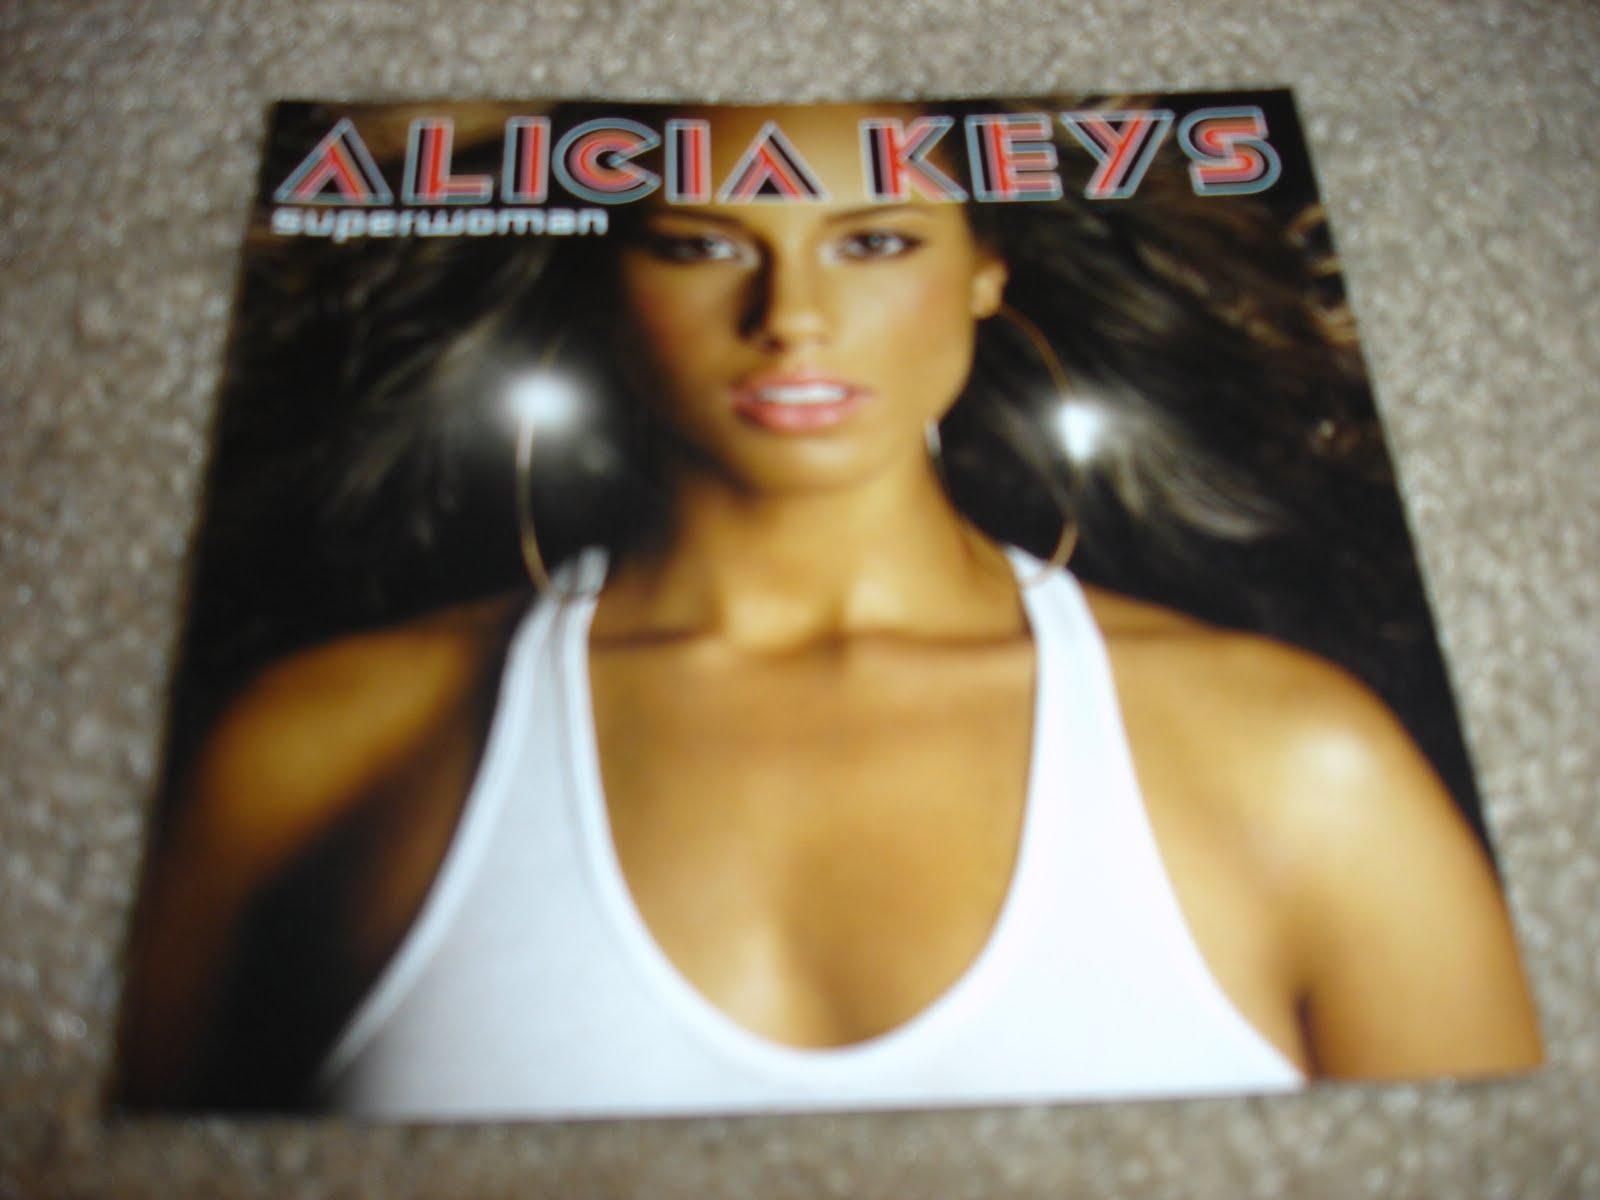 http://2.bp.blogspot.com/-UbWL5-hz5Wc/TbCJKEAndkI/AAAAAAAAJSU/N8Igl-fZqos/s1600/00-alicia_keys-superwoman-promo_cds-2008-front.jpg